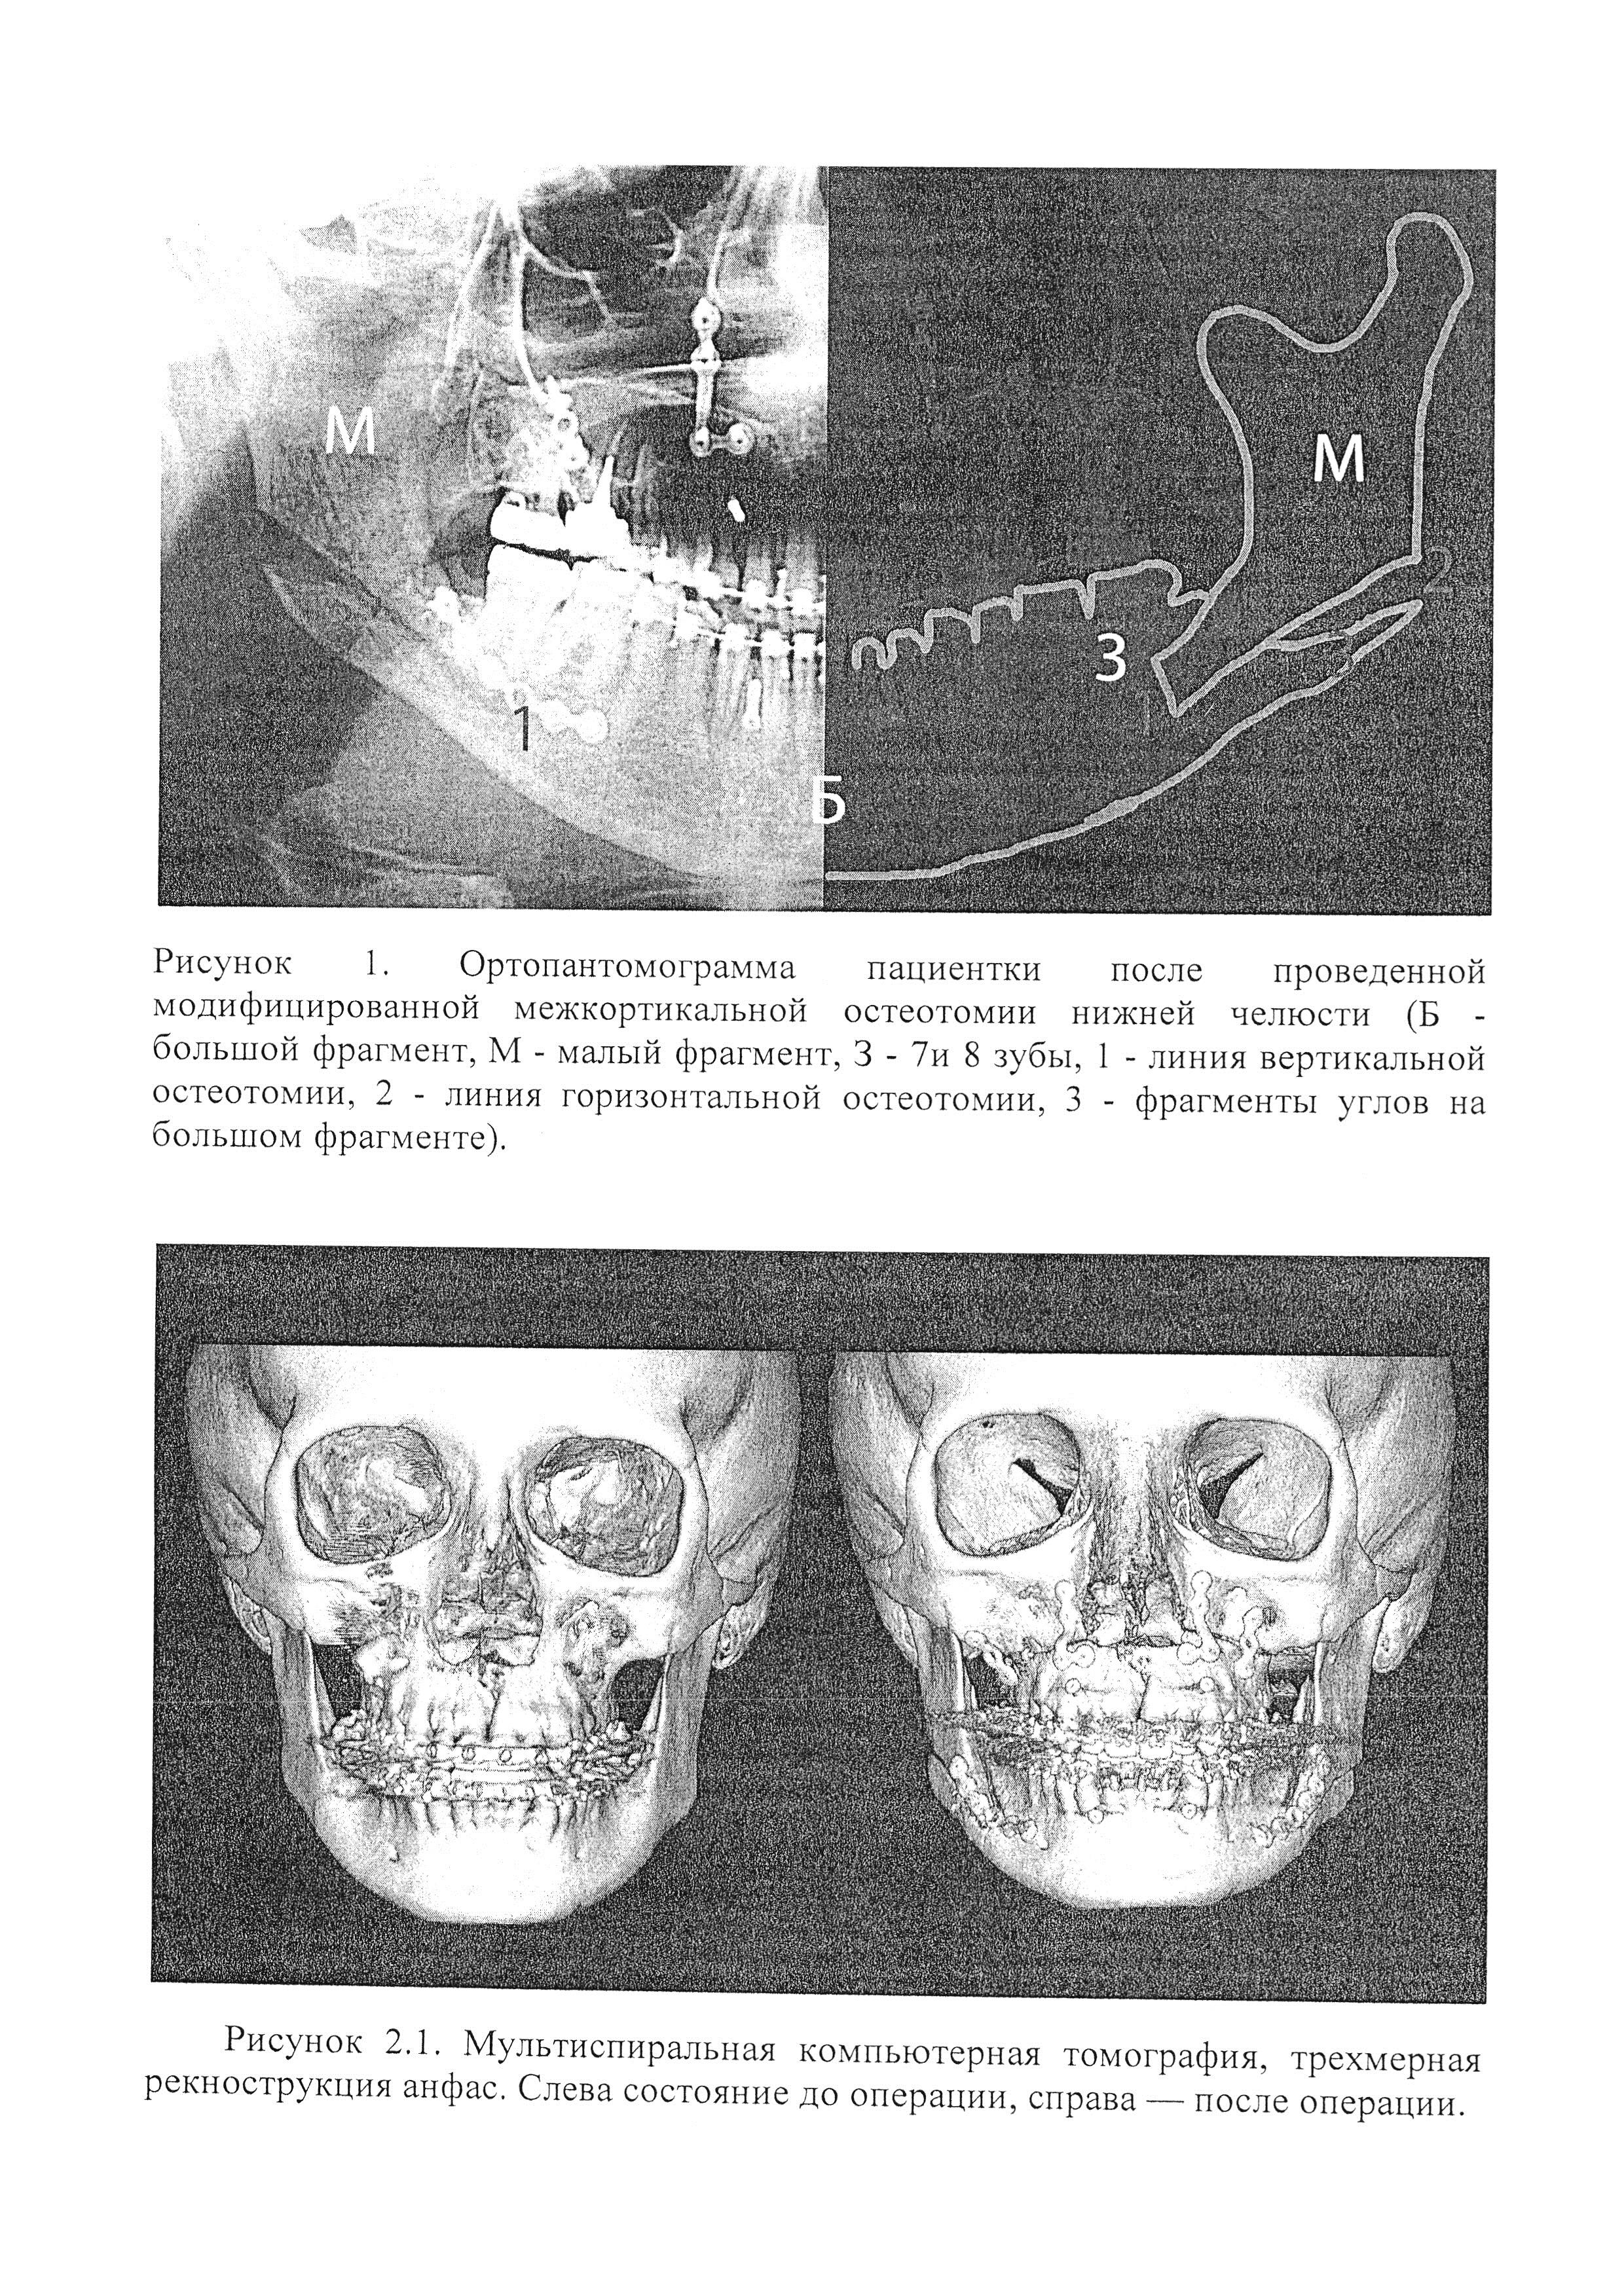 Способ межкортикальной остеотомии нижней челюсти